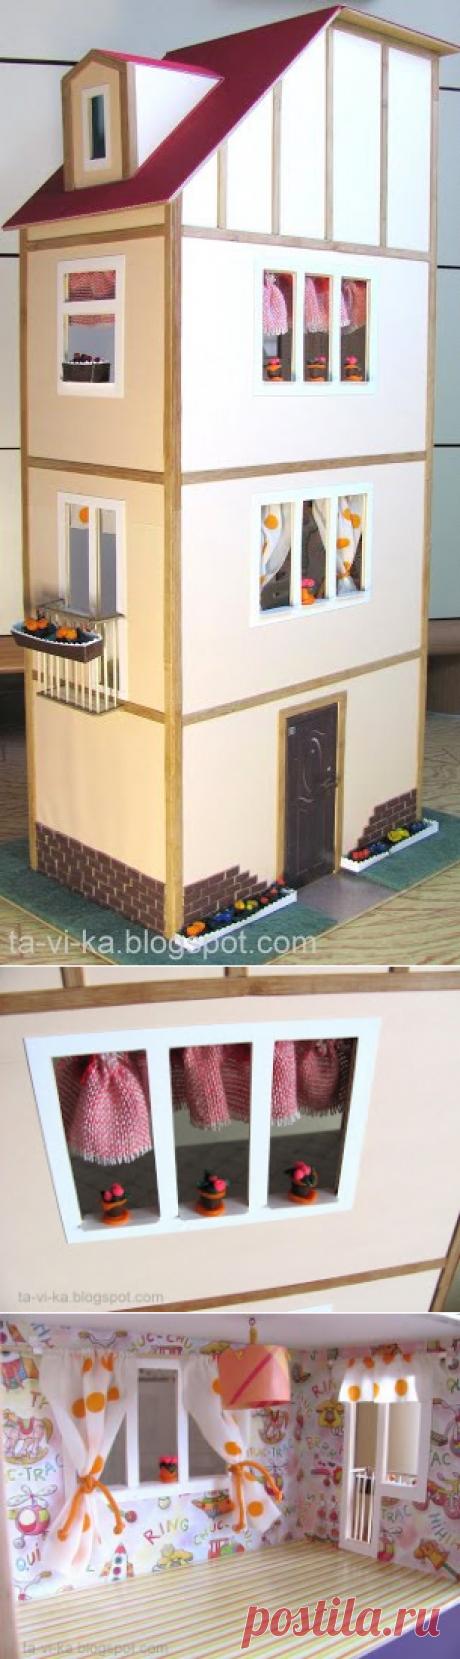 Кукольный домик из ДВП - Как сделать Кукольный домик,кукольную мебель,кукол и кукольную миниатюру.